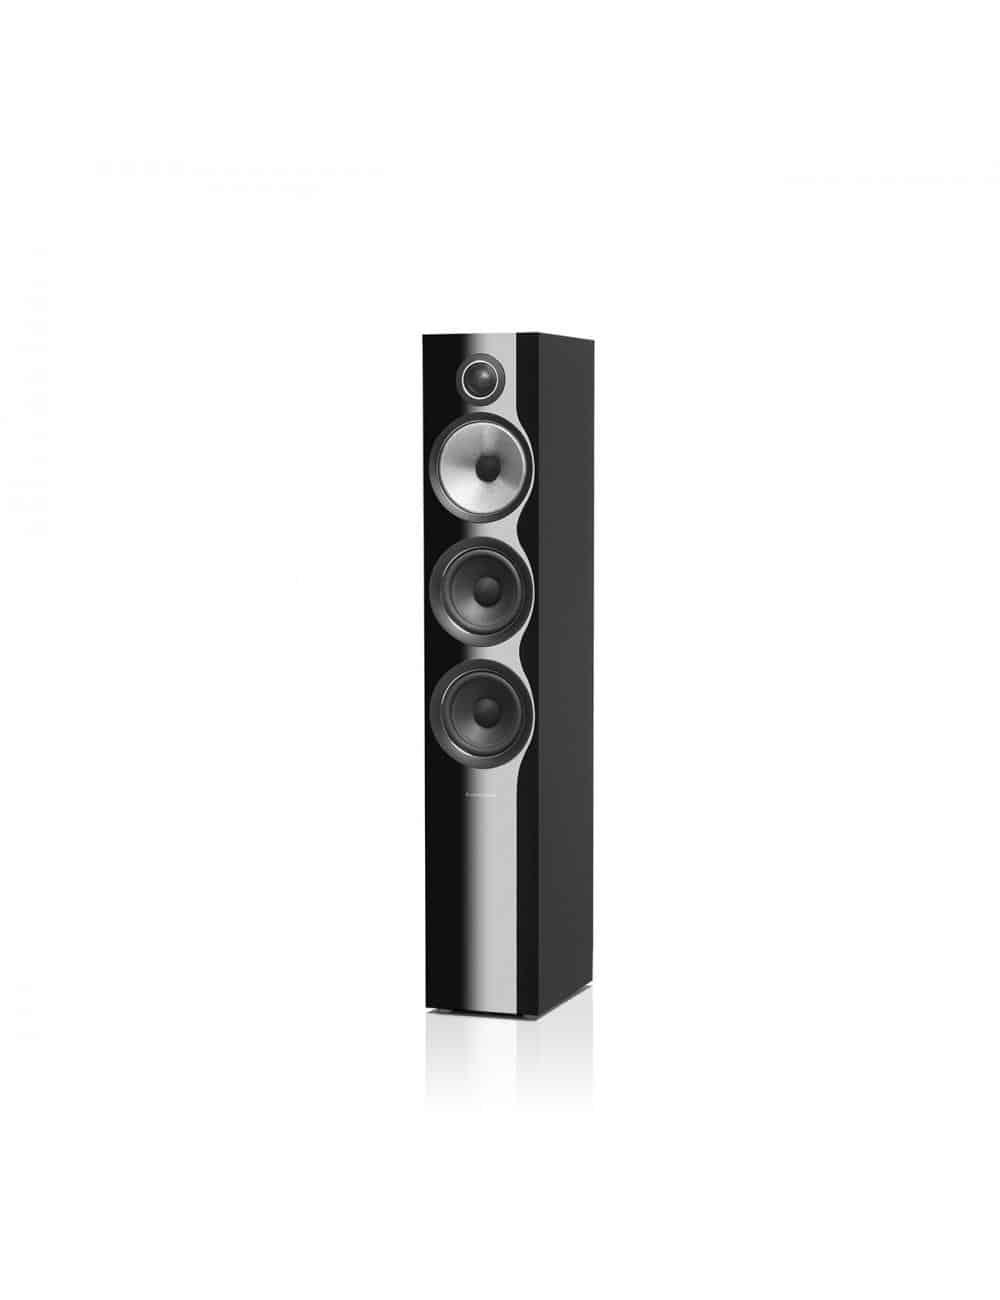 diffusori acustici da pavimento per hifi e home theater, Bowers & Wilkins 704, finitura nero lucido